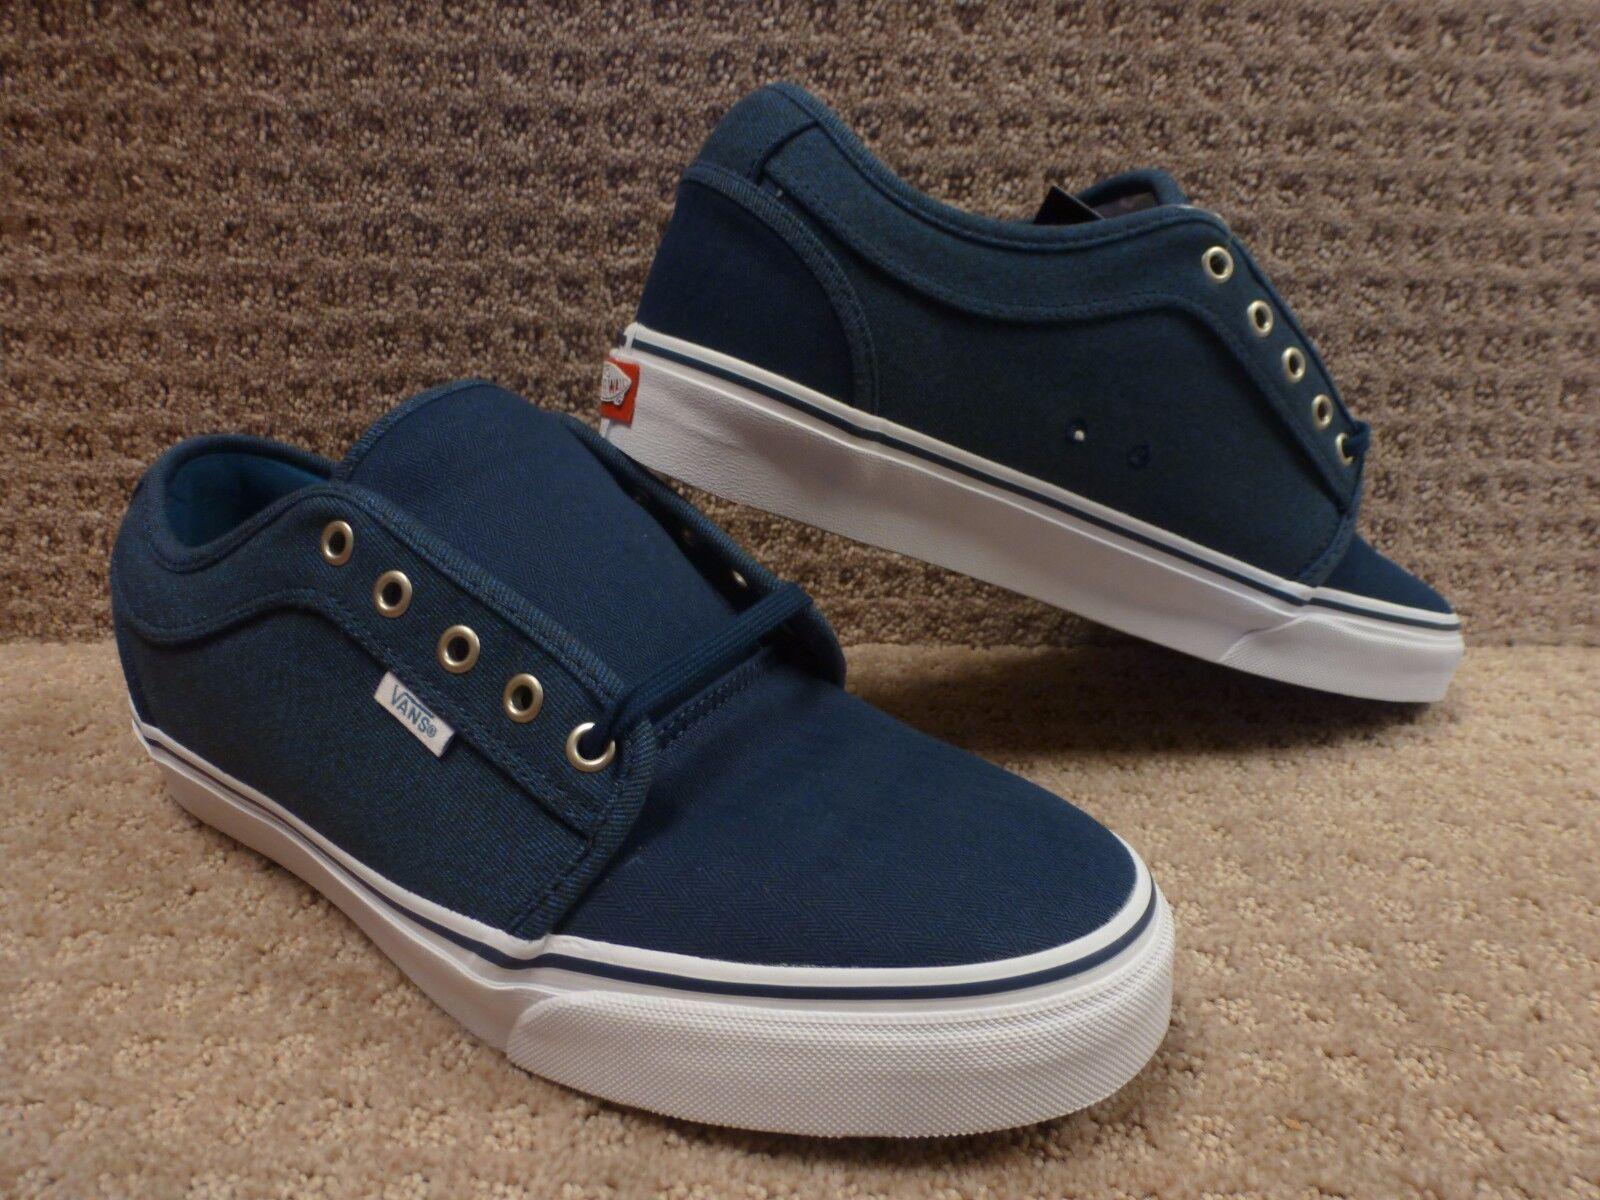 chaussures niki gris en air en lunarlon les d'athlétisme et noir les 7Iqw5Tx